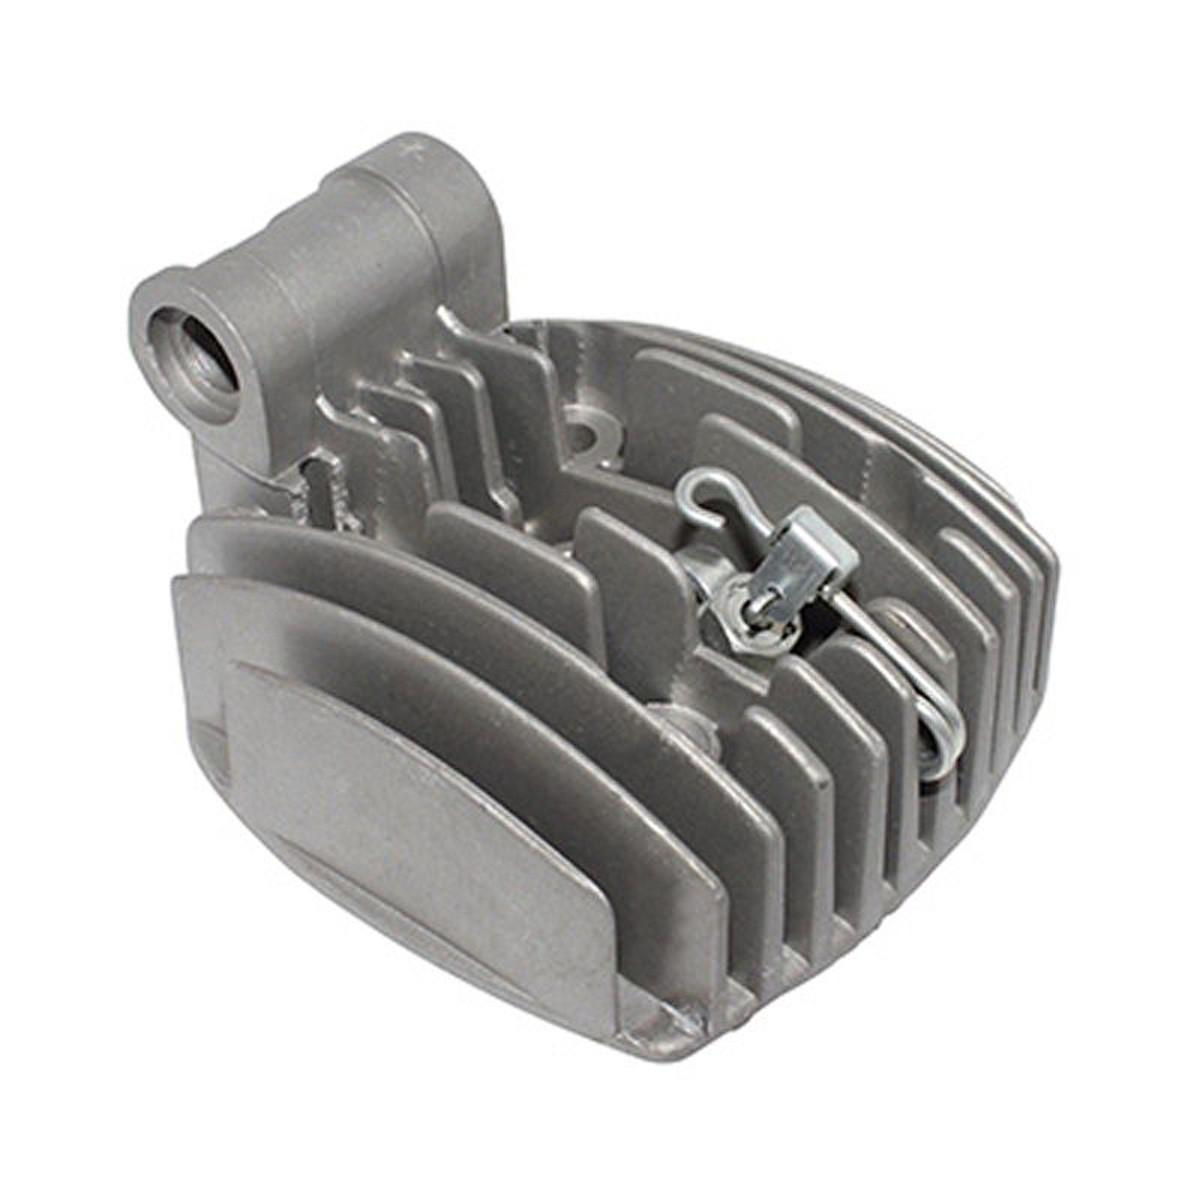 Culasse Motobécane, Motoconfort 85, 88, 89 - Type Origine